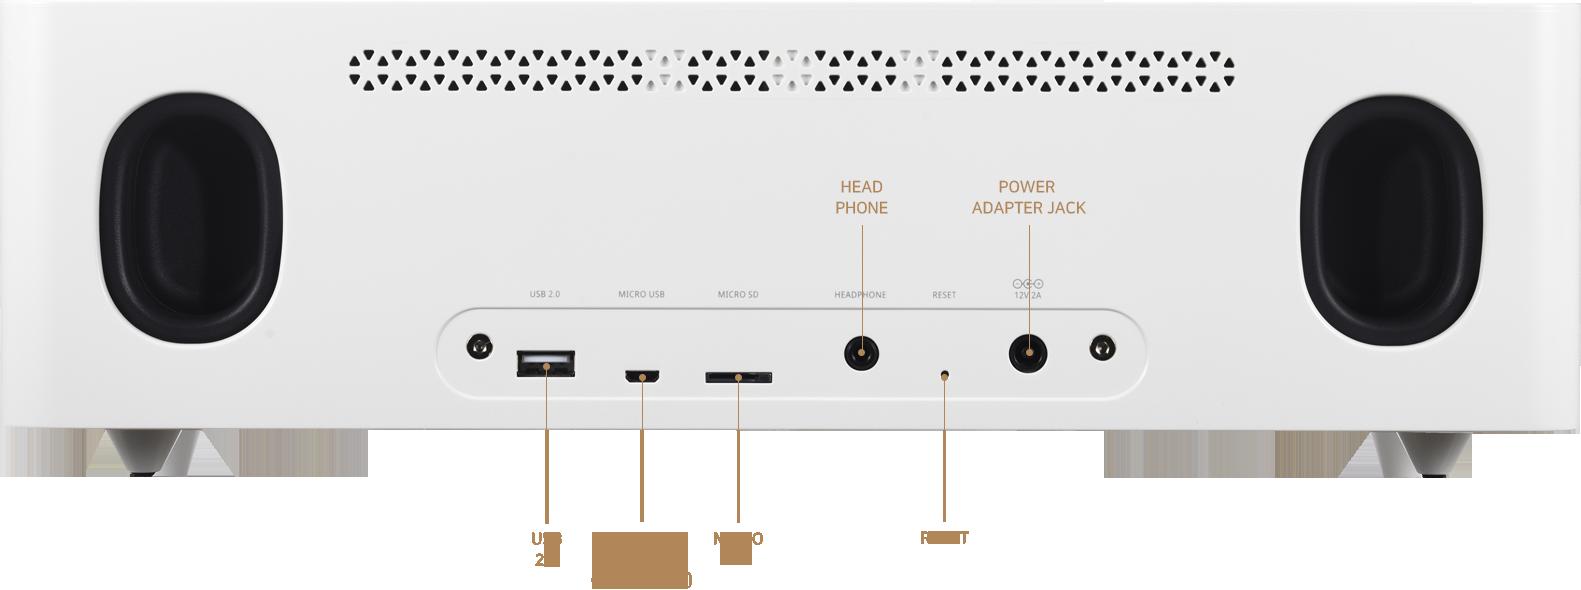 Hifi ROSE RS350 Premium Media Player Made In Korea 5c75dfecef752